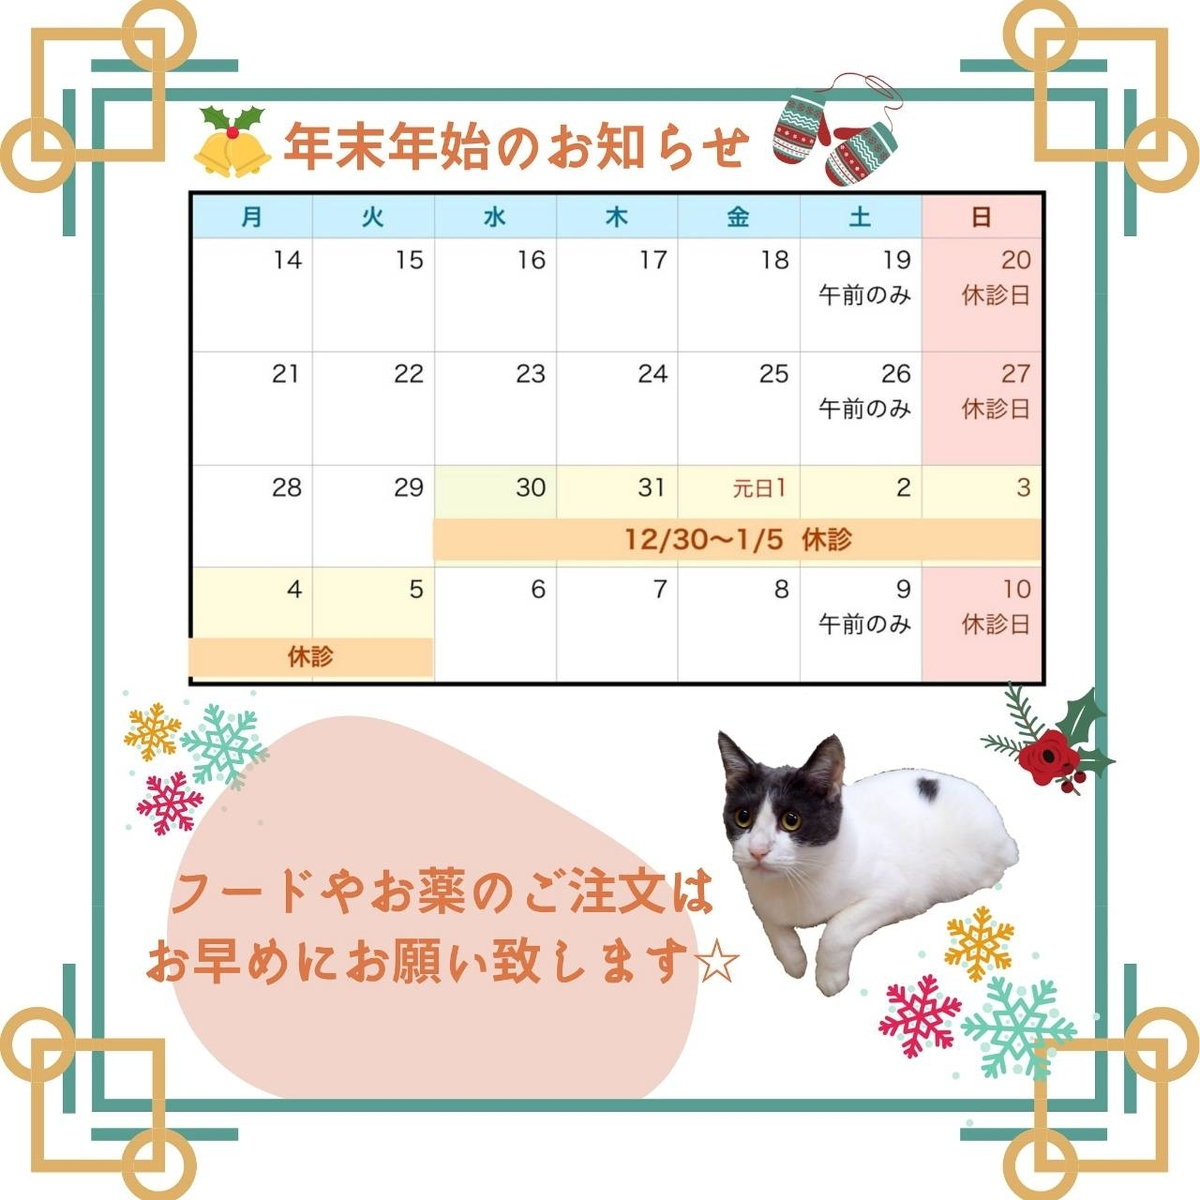 f:id:nozawa_clinic:20201130180641j:plain